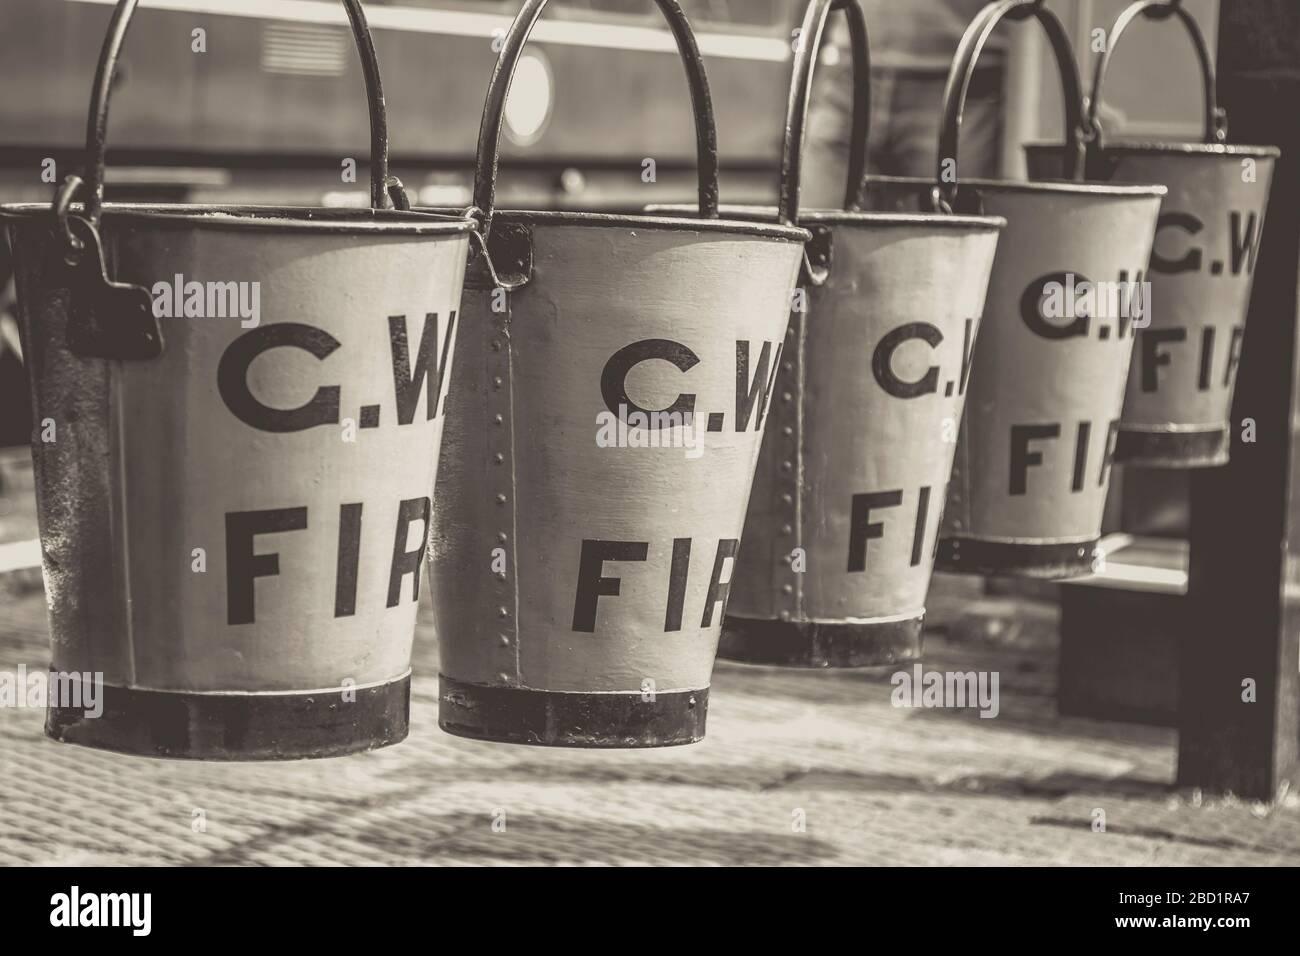 Mono cerca de cubos de fuego vintage colgando en una fila en la plataforma de la estación de tren de época, tren de vapor del valle de Severn. Equipo de lucha contra incendios antiguo. Foto de stock